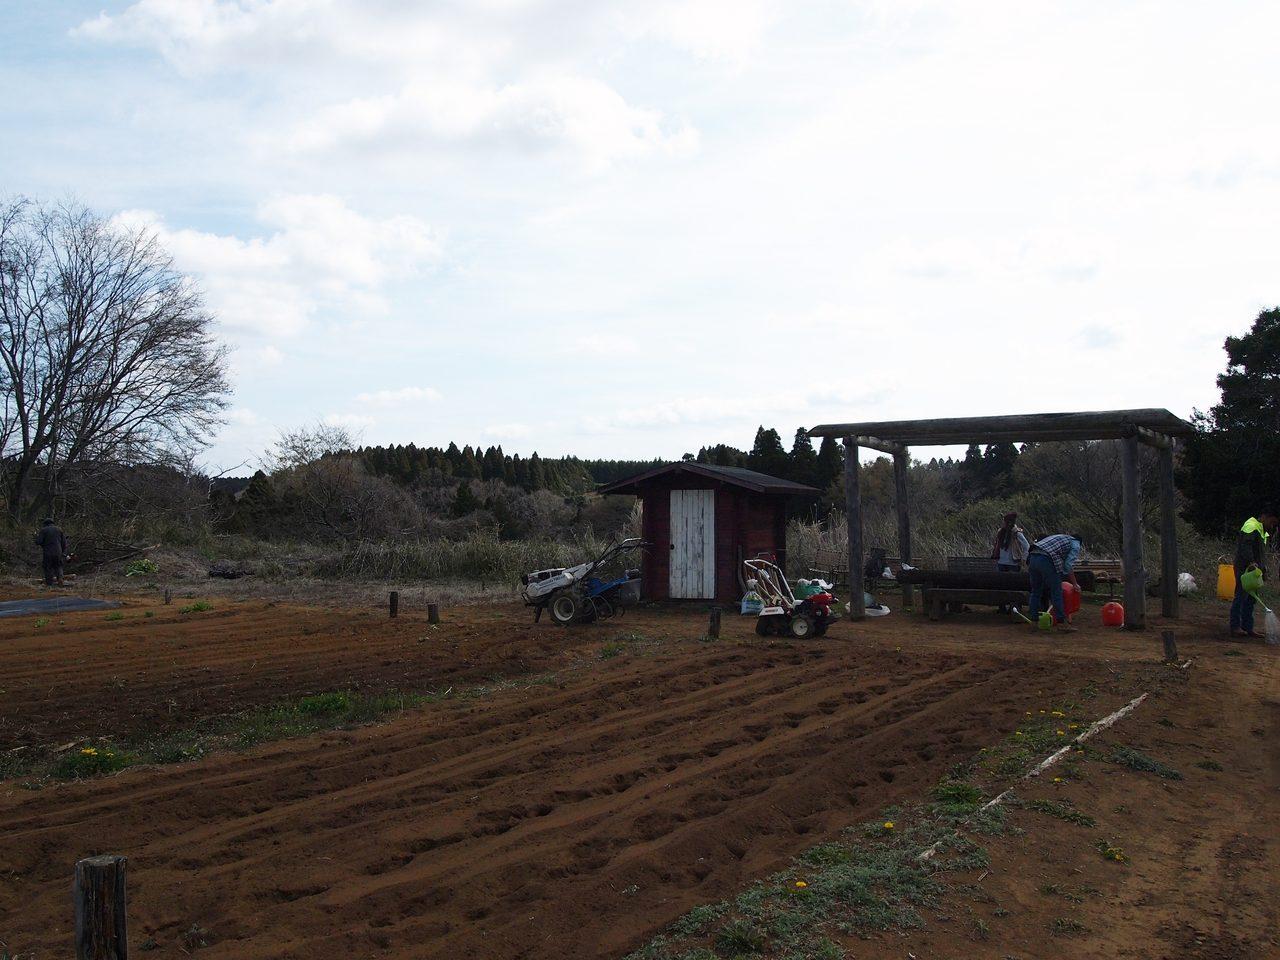 画像1: 5th Anniversary Farming Eventメキシコ流トウモロコシ育成法!?